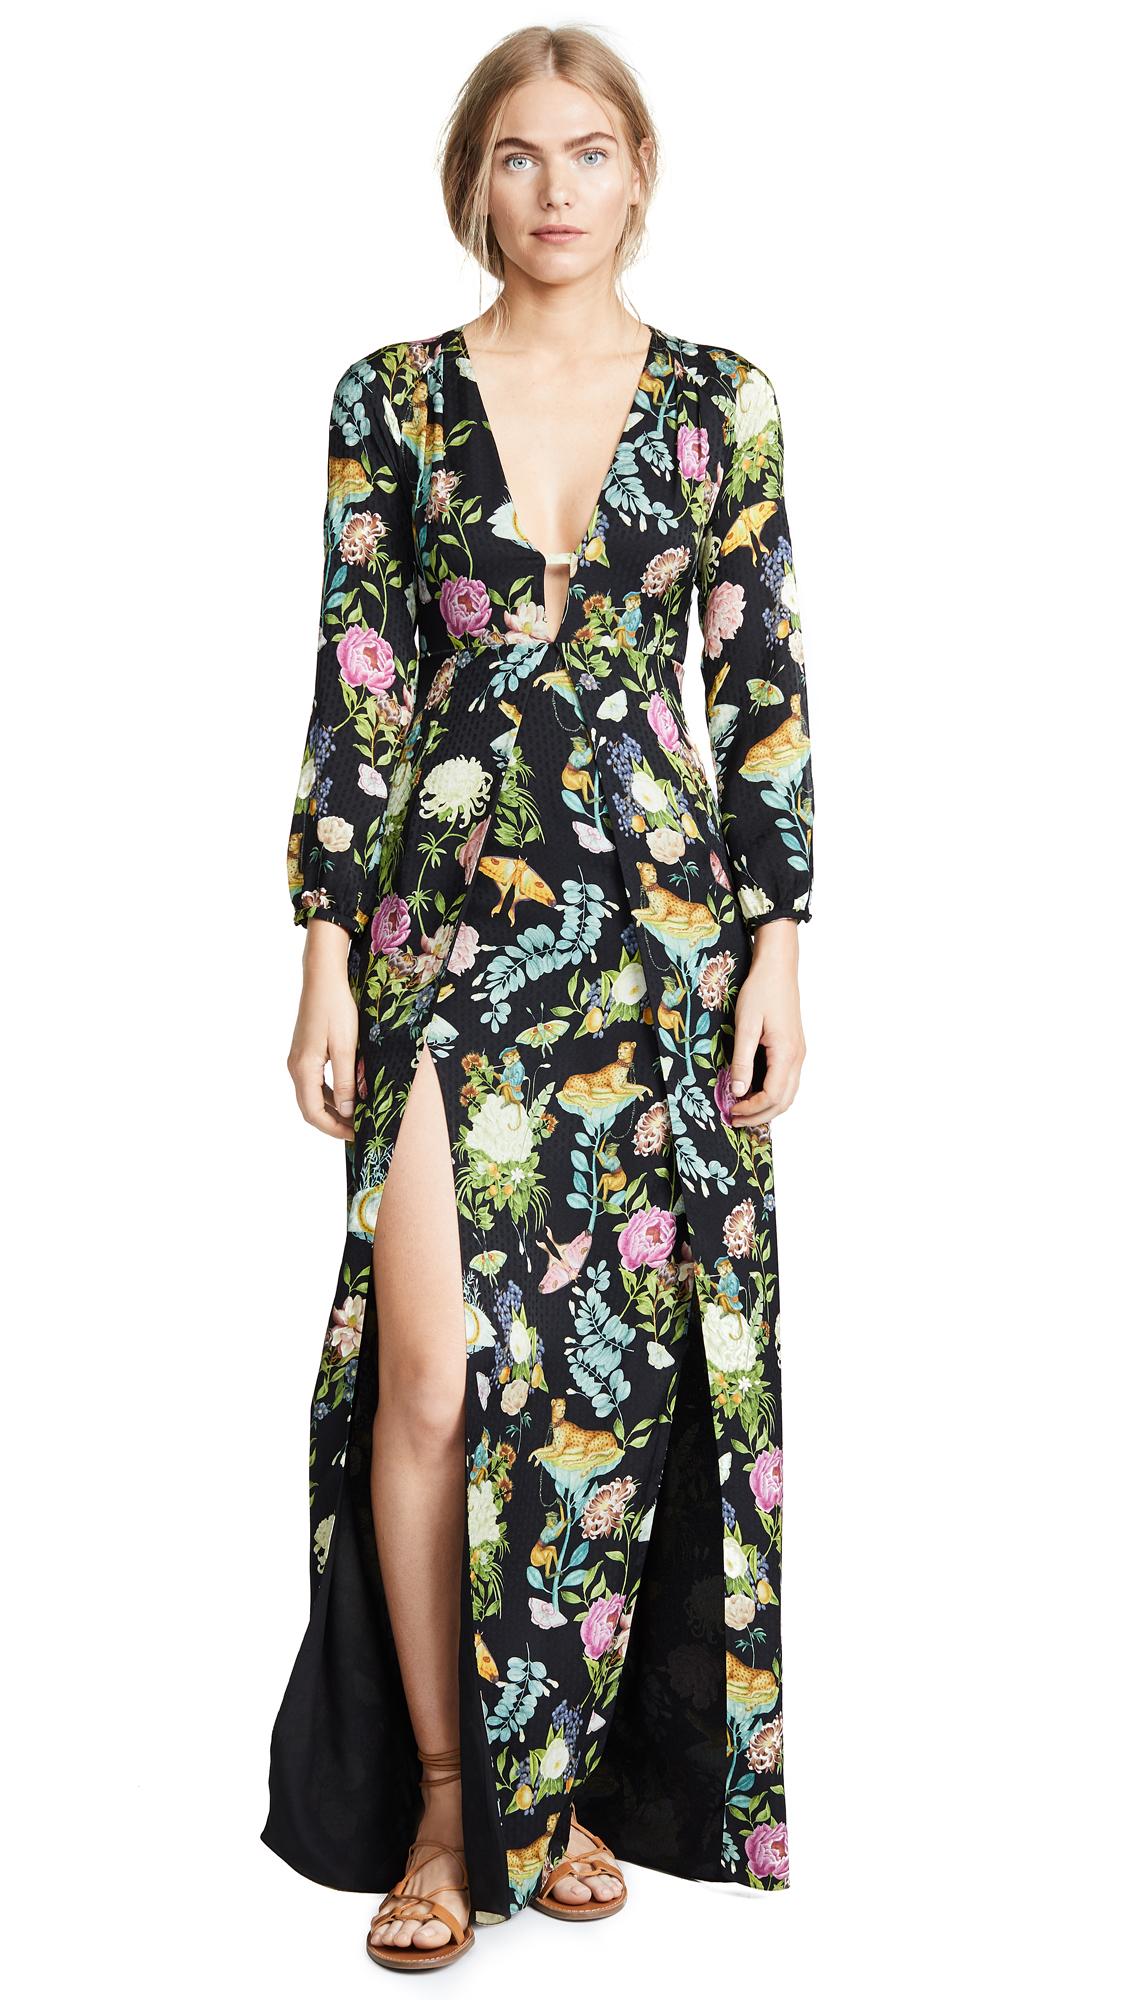 Vilshenko Briony V Neck Full Length Dress - Black/Multi